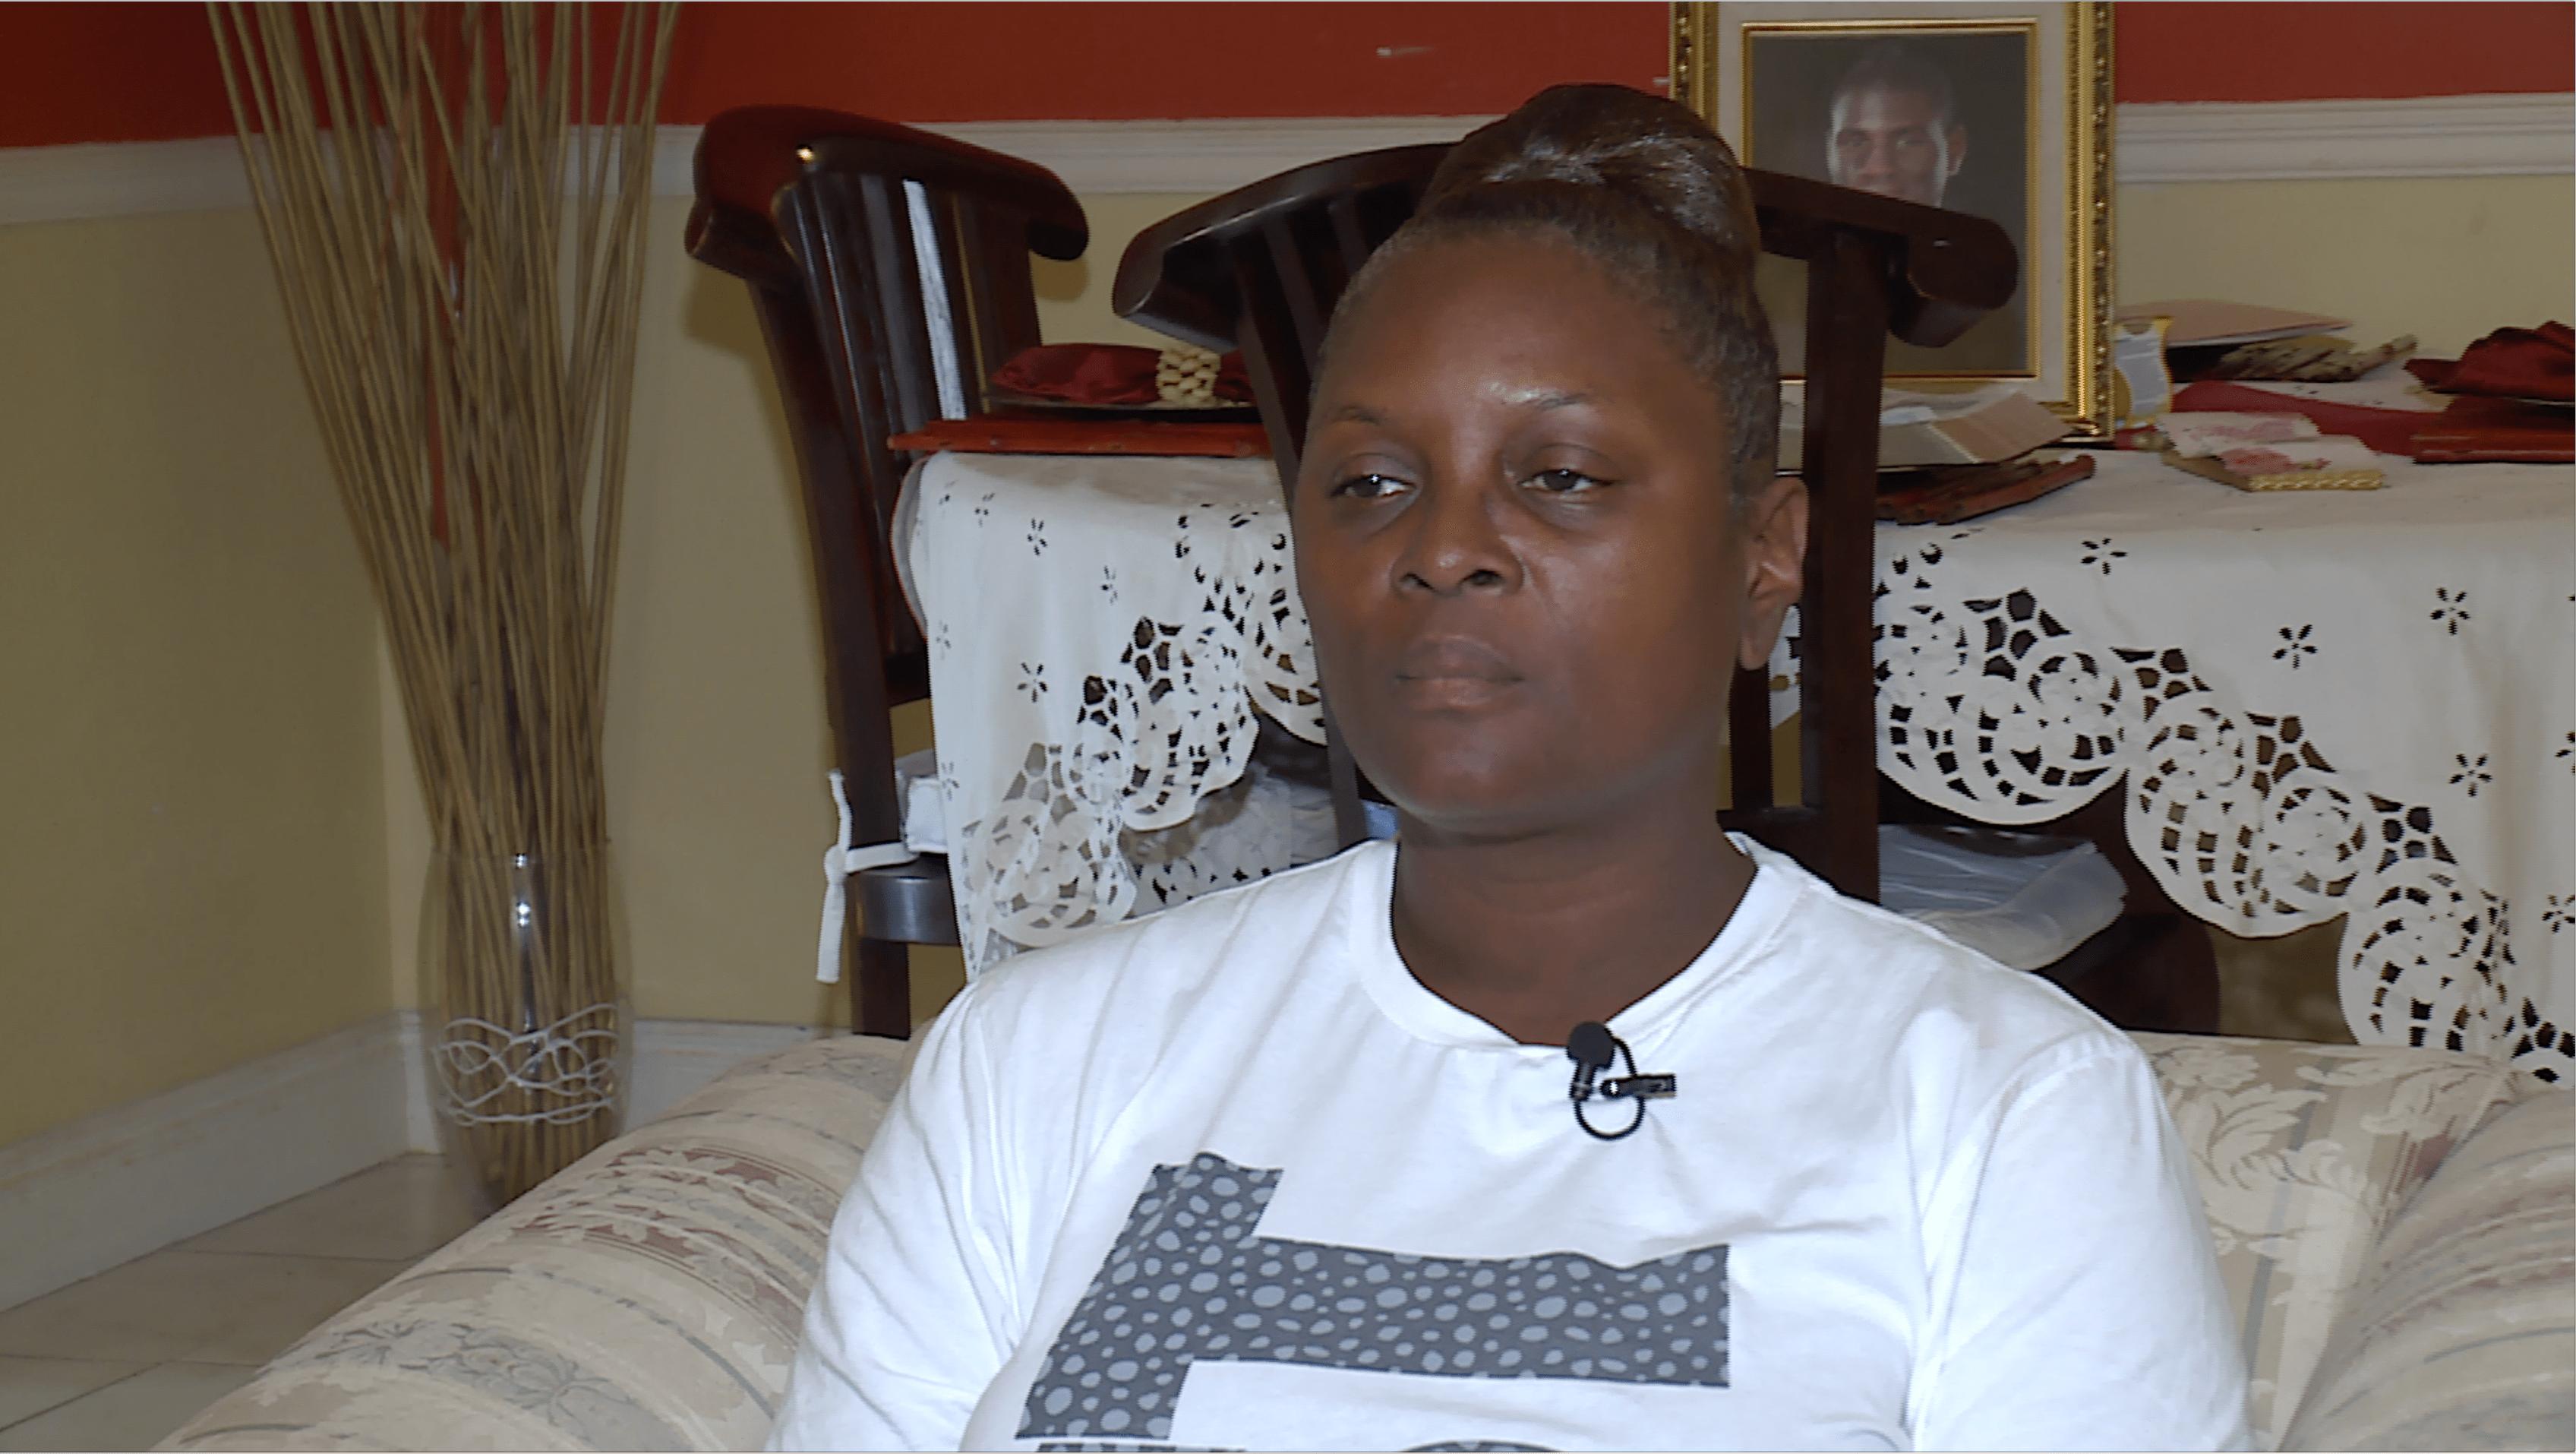 Parents of Blair John question autopsy reports